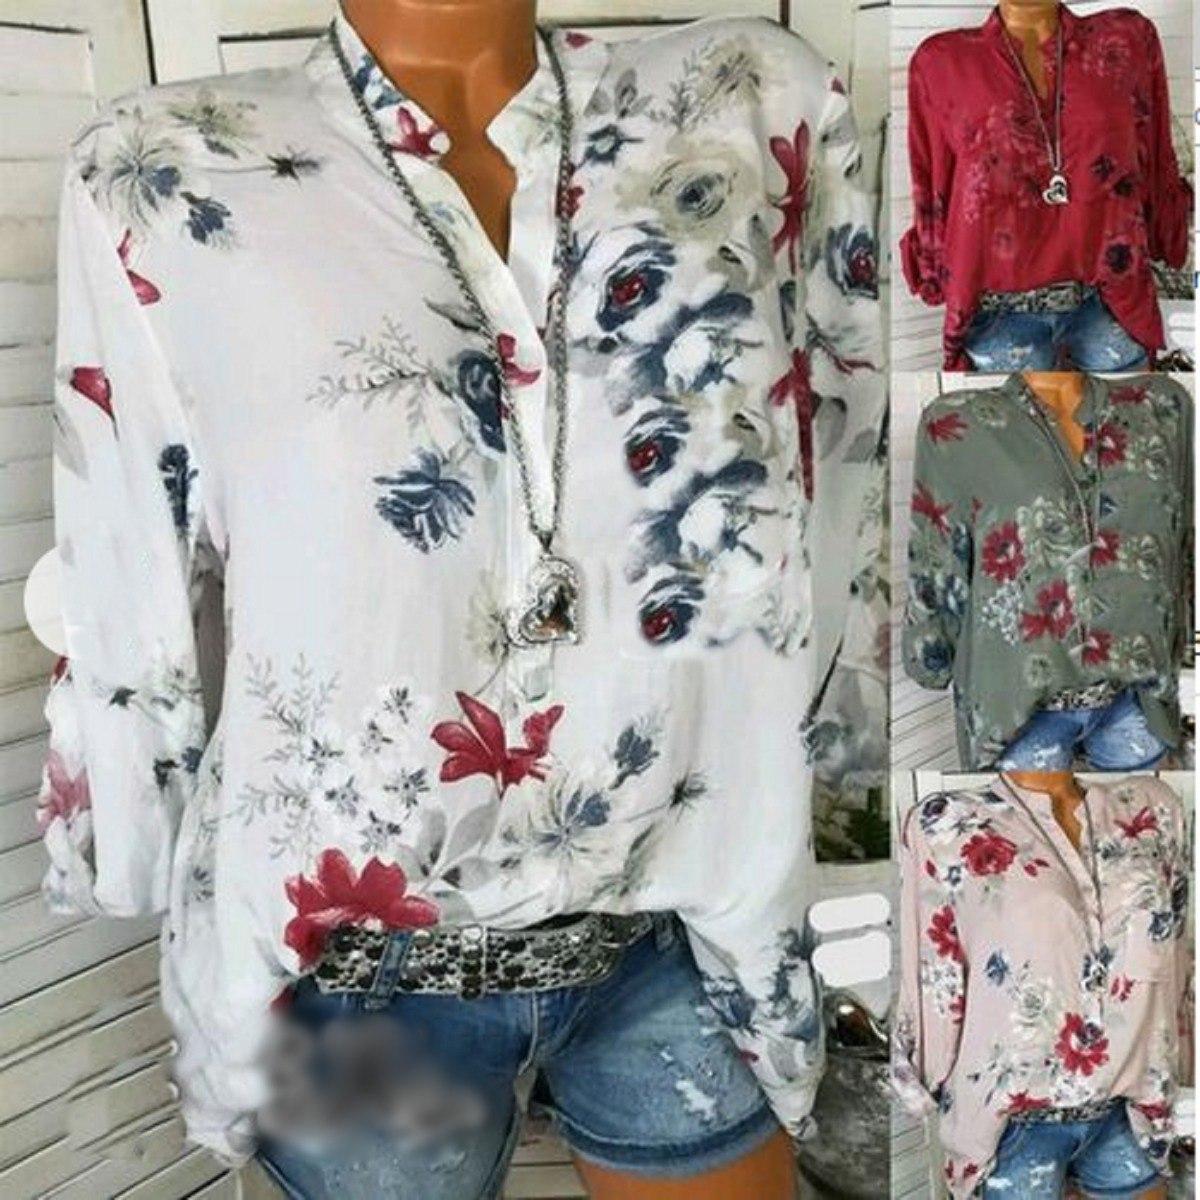 c98f63cb4df6 kit blusas feminina camisa botões barata atacado revenda 53. Carregando  zoom.